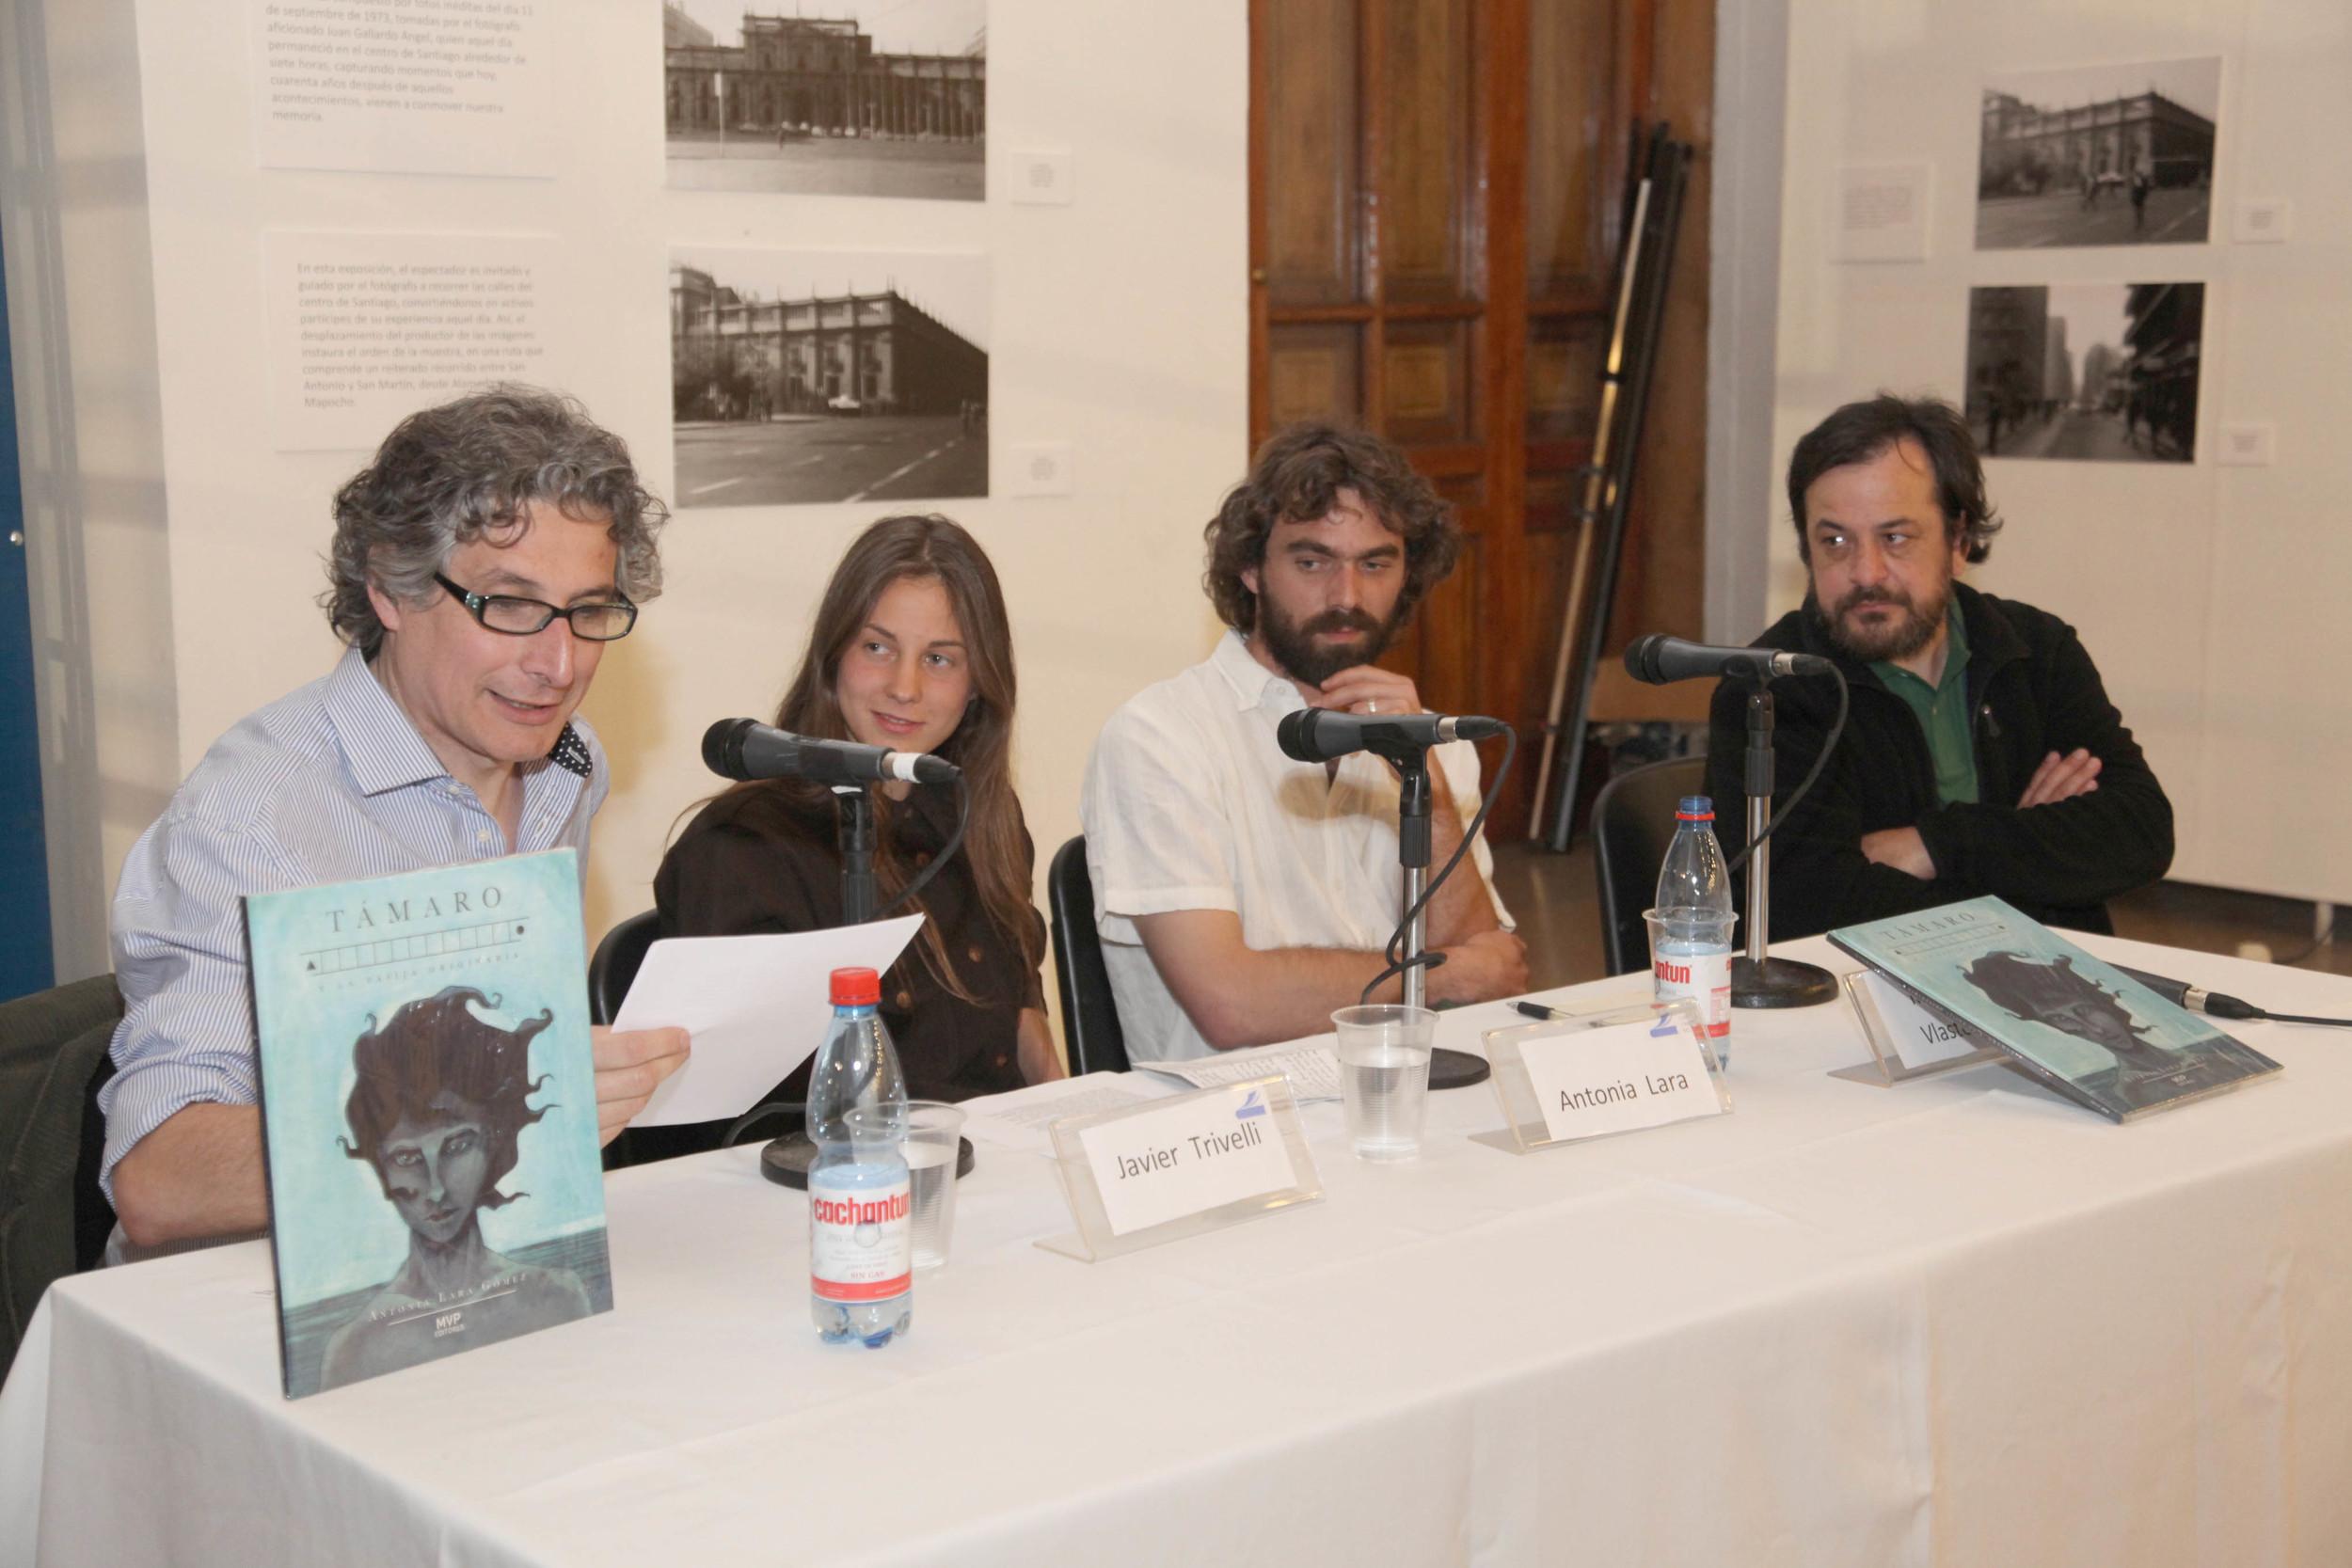 Lanzamiento Tamaro Antonia Lara 004.JPG